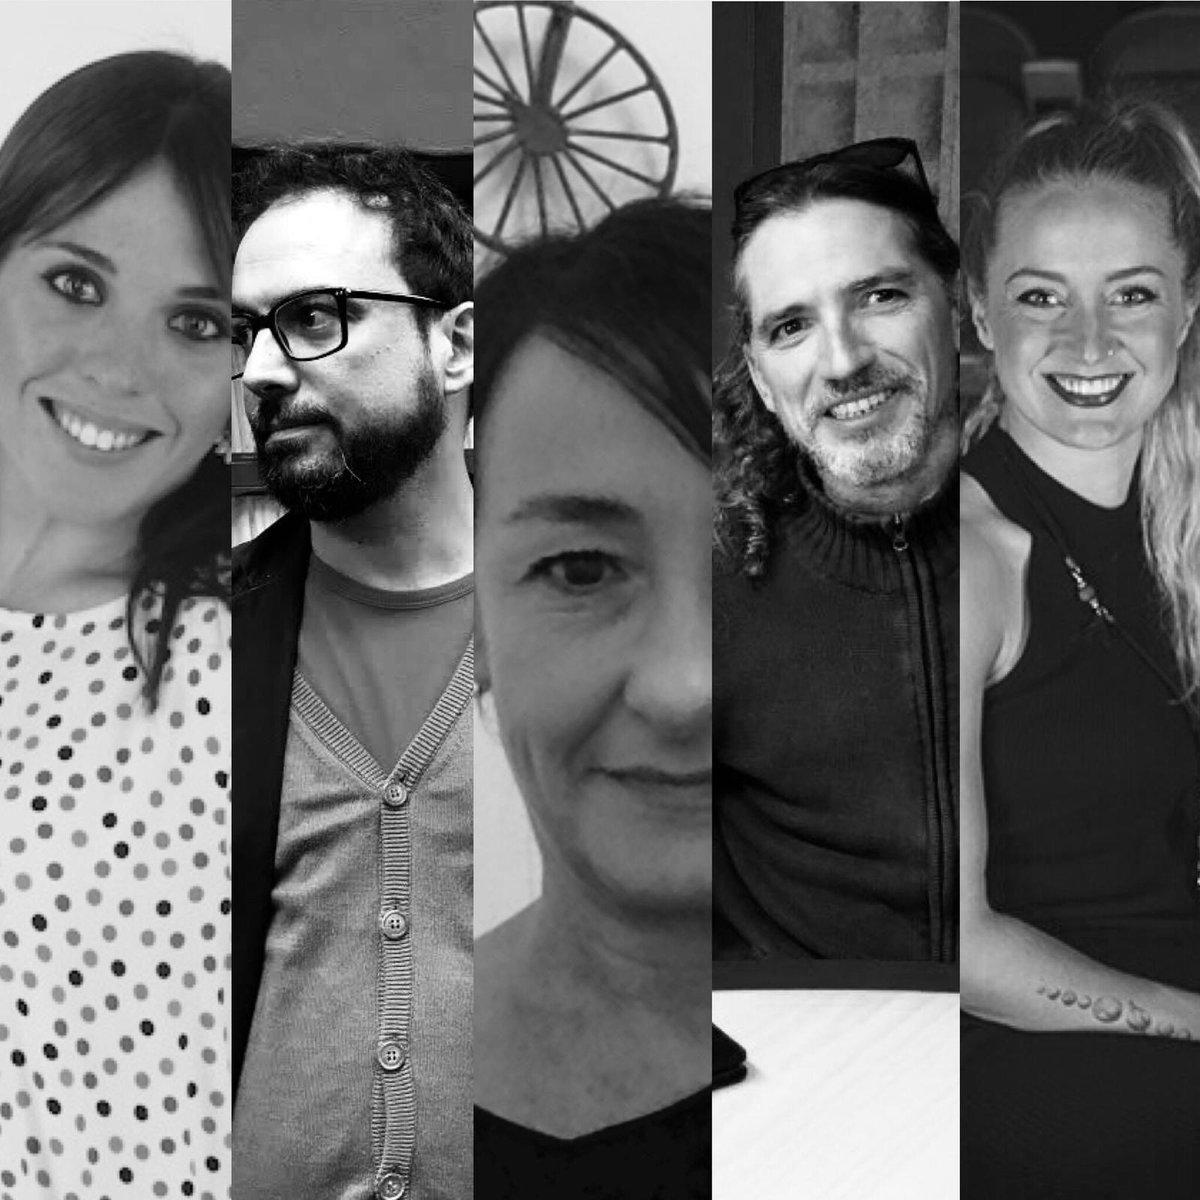 Hoy, a las 18 horas, os esperamos en el Club @Diario_de_Ibiza con la proyección del documental sobre #BaltasarSamper Samper, dirigido por @VictoriaMorellS que es también la delegada de #cimamujer en Baleares. A continuación, coloquio sobre la situación de la mujer en el cine.